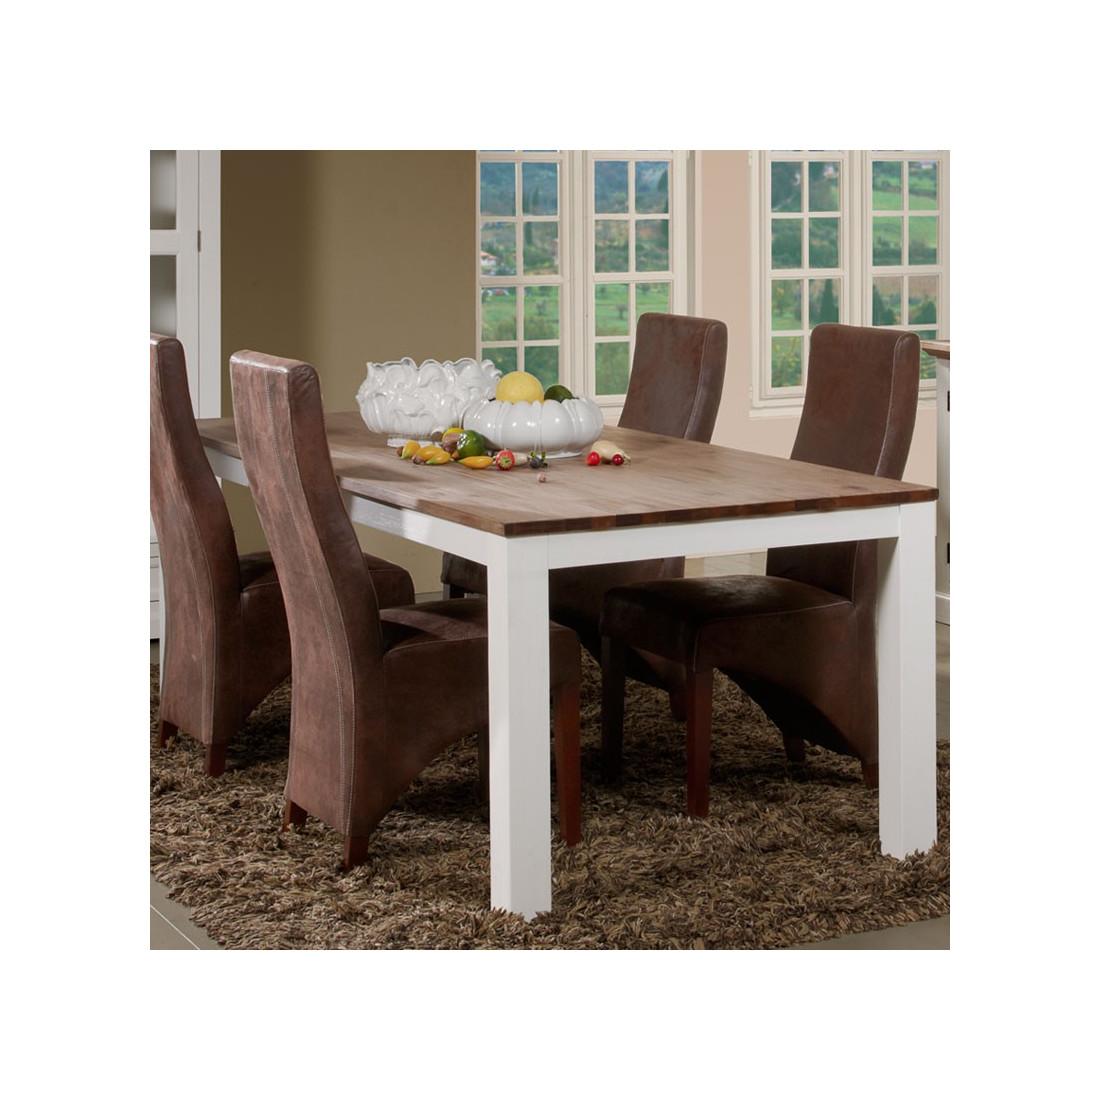 Table de repas 180 cm rio univers la salle manger for Table de salle a manger 180 cm